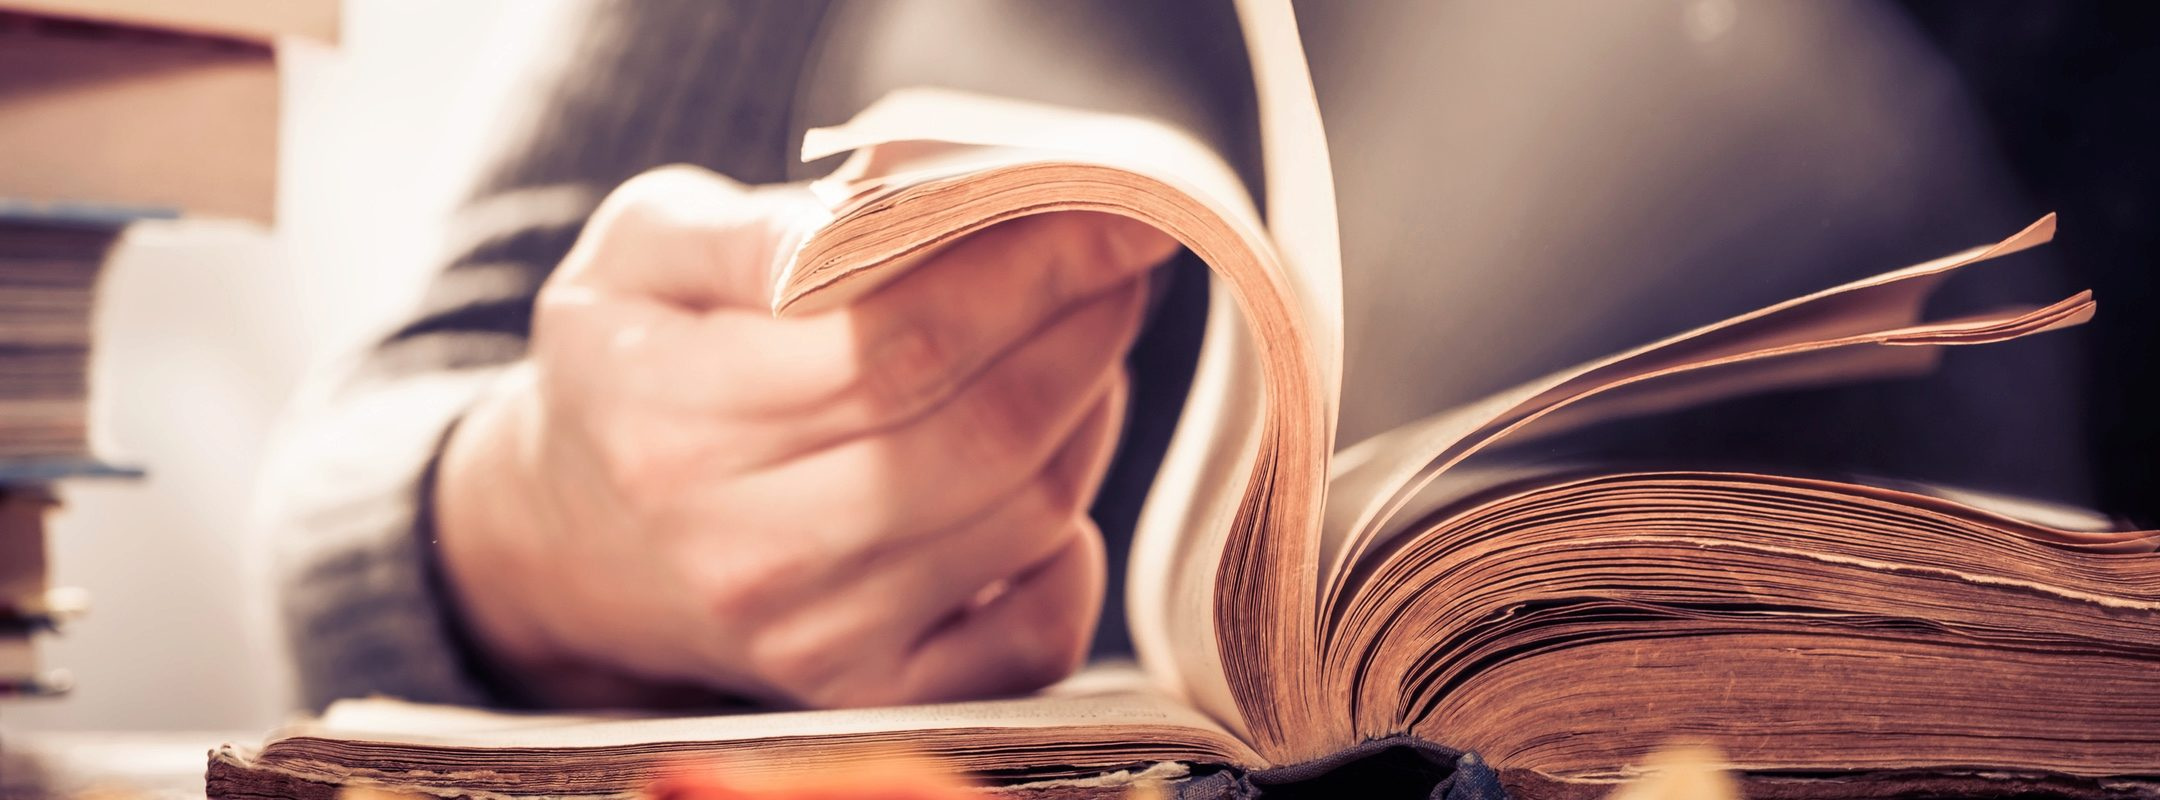 schneller lesen gutschein e3 trainings